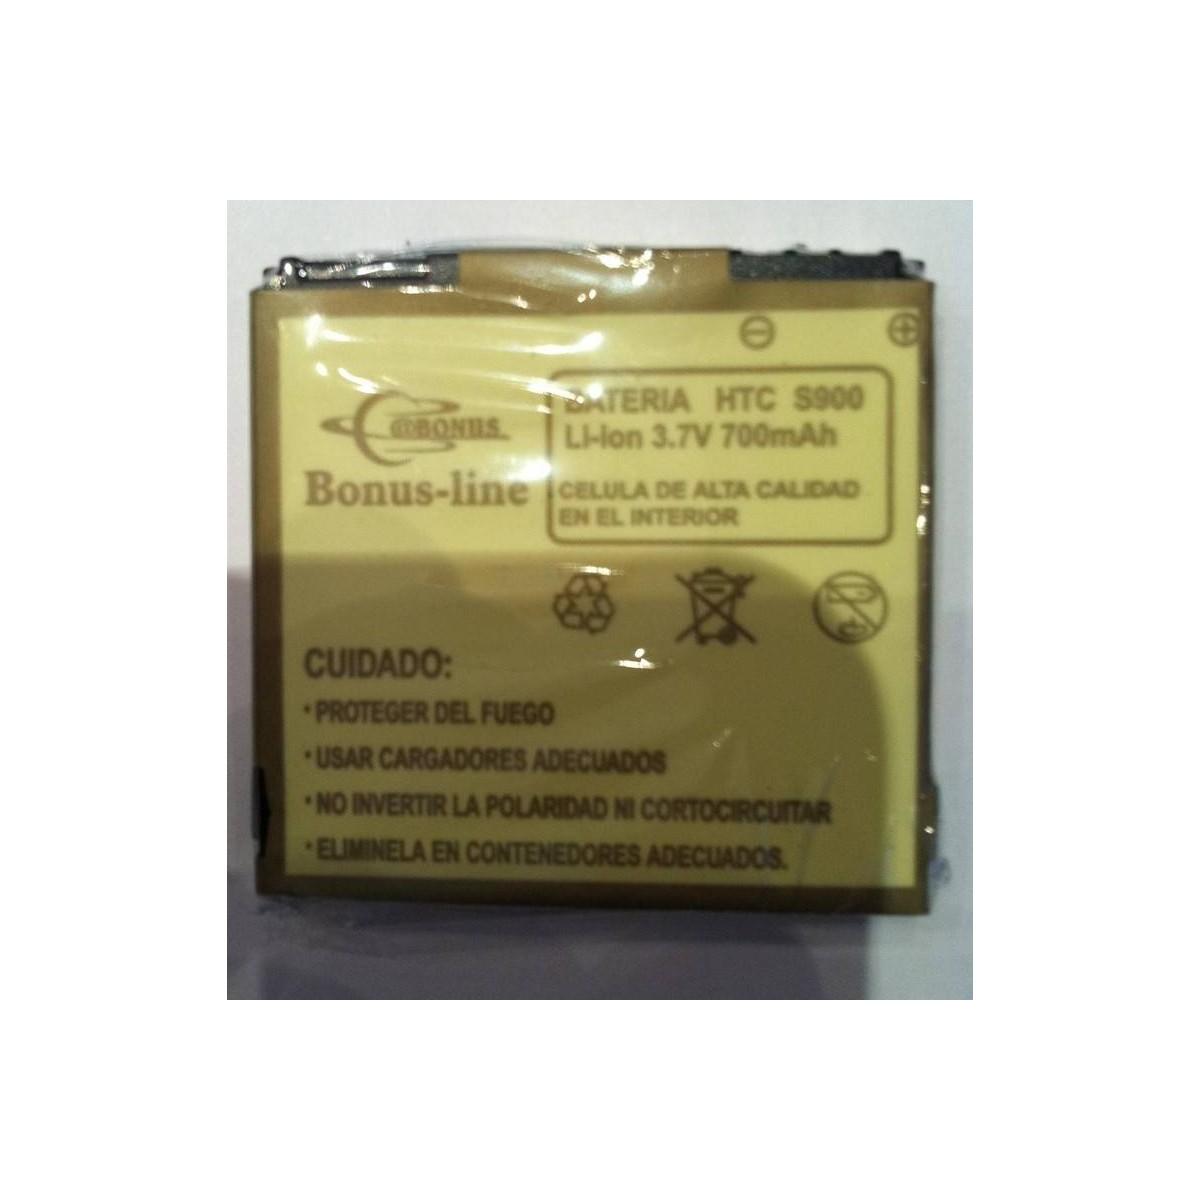 Bateria HTC S900 700m/AH Li-Ion de Larga Duracion